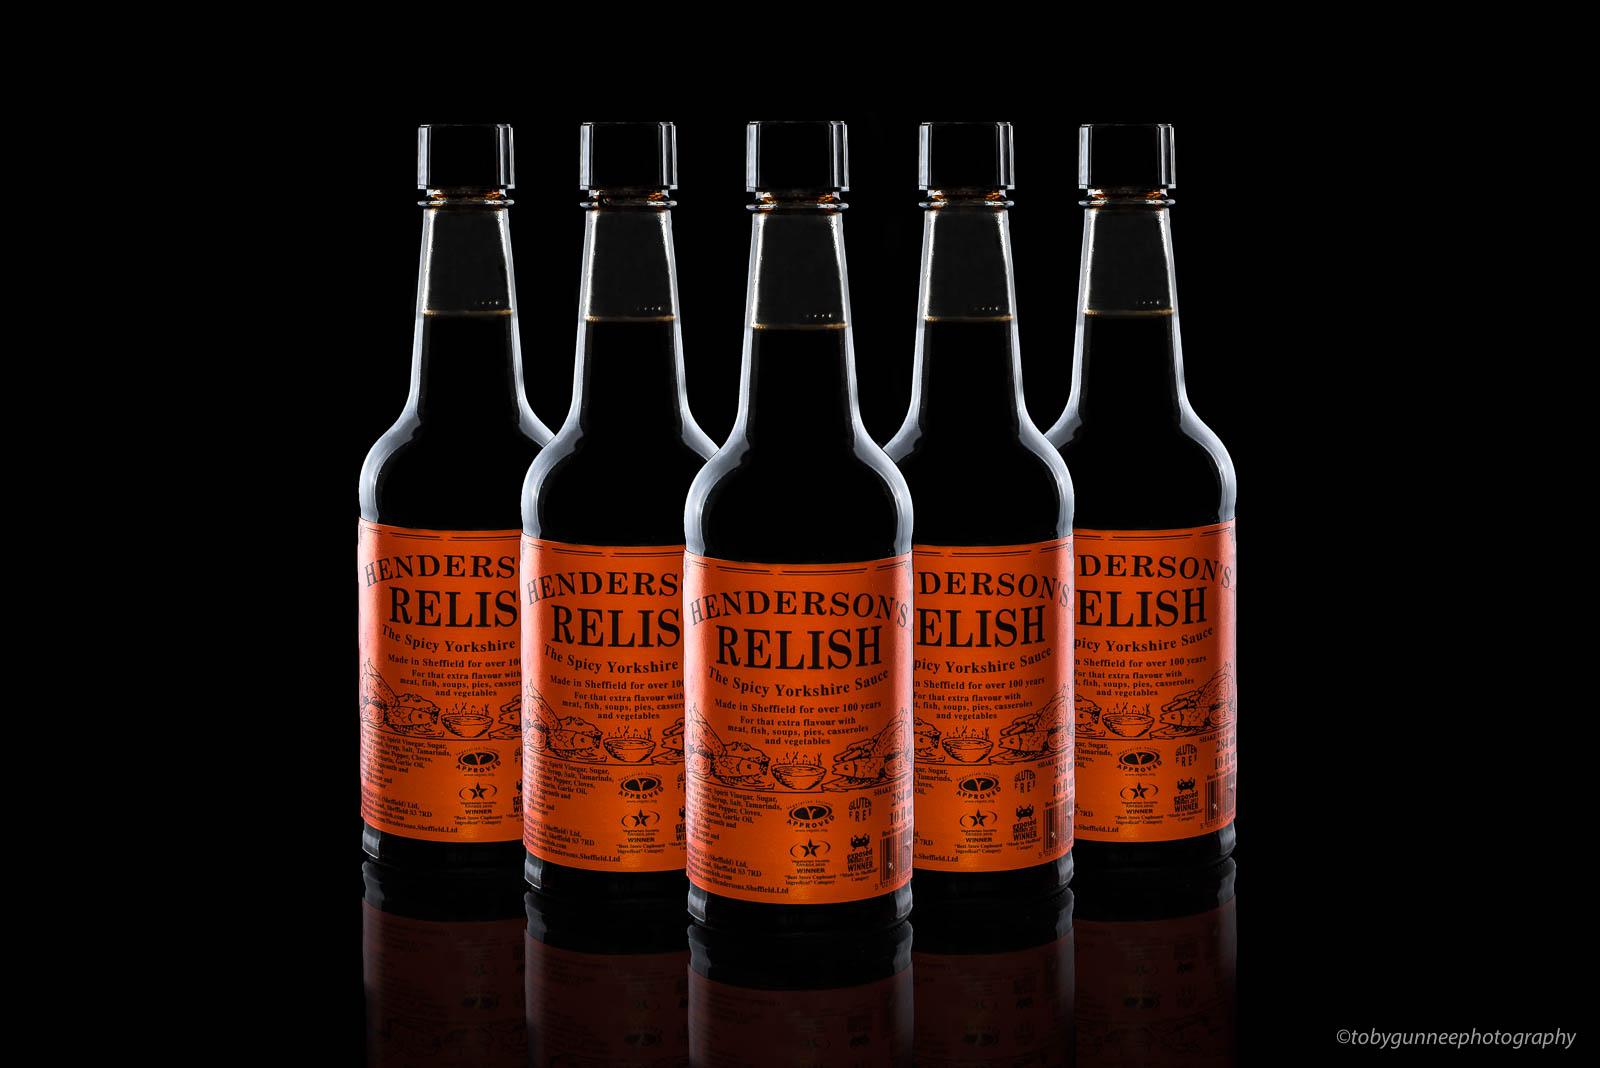 Henderson's Bottles re-edit 6.jpg